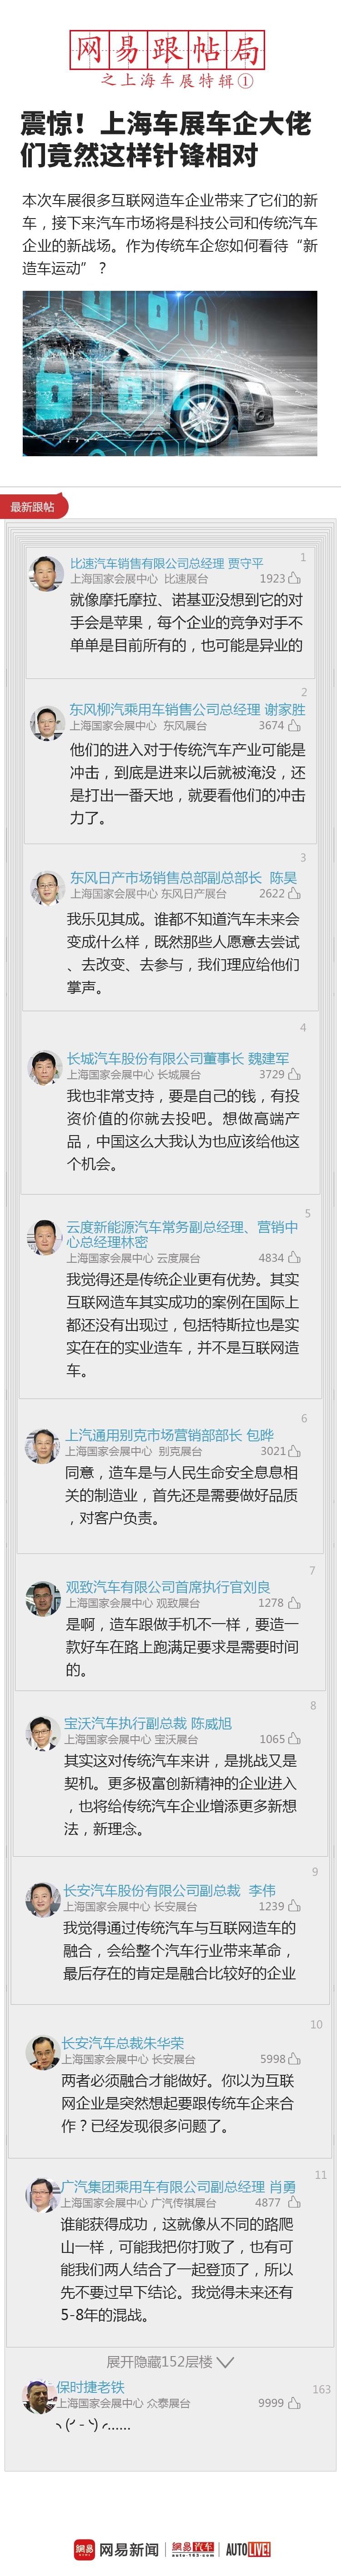 震惊!上海车展车企大佬竟然针锋相对(上)